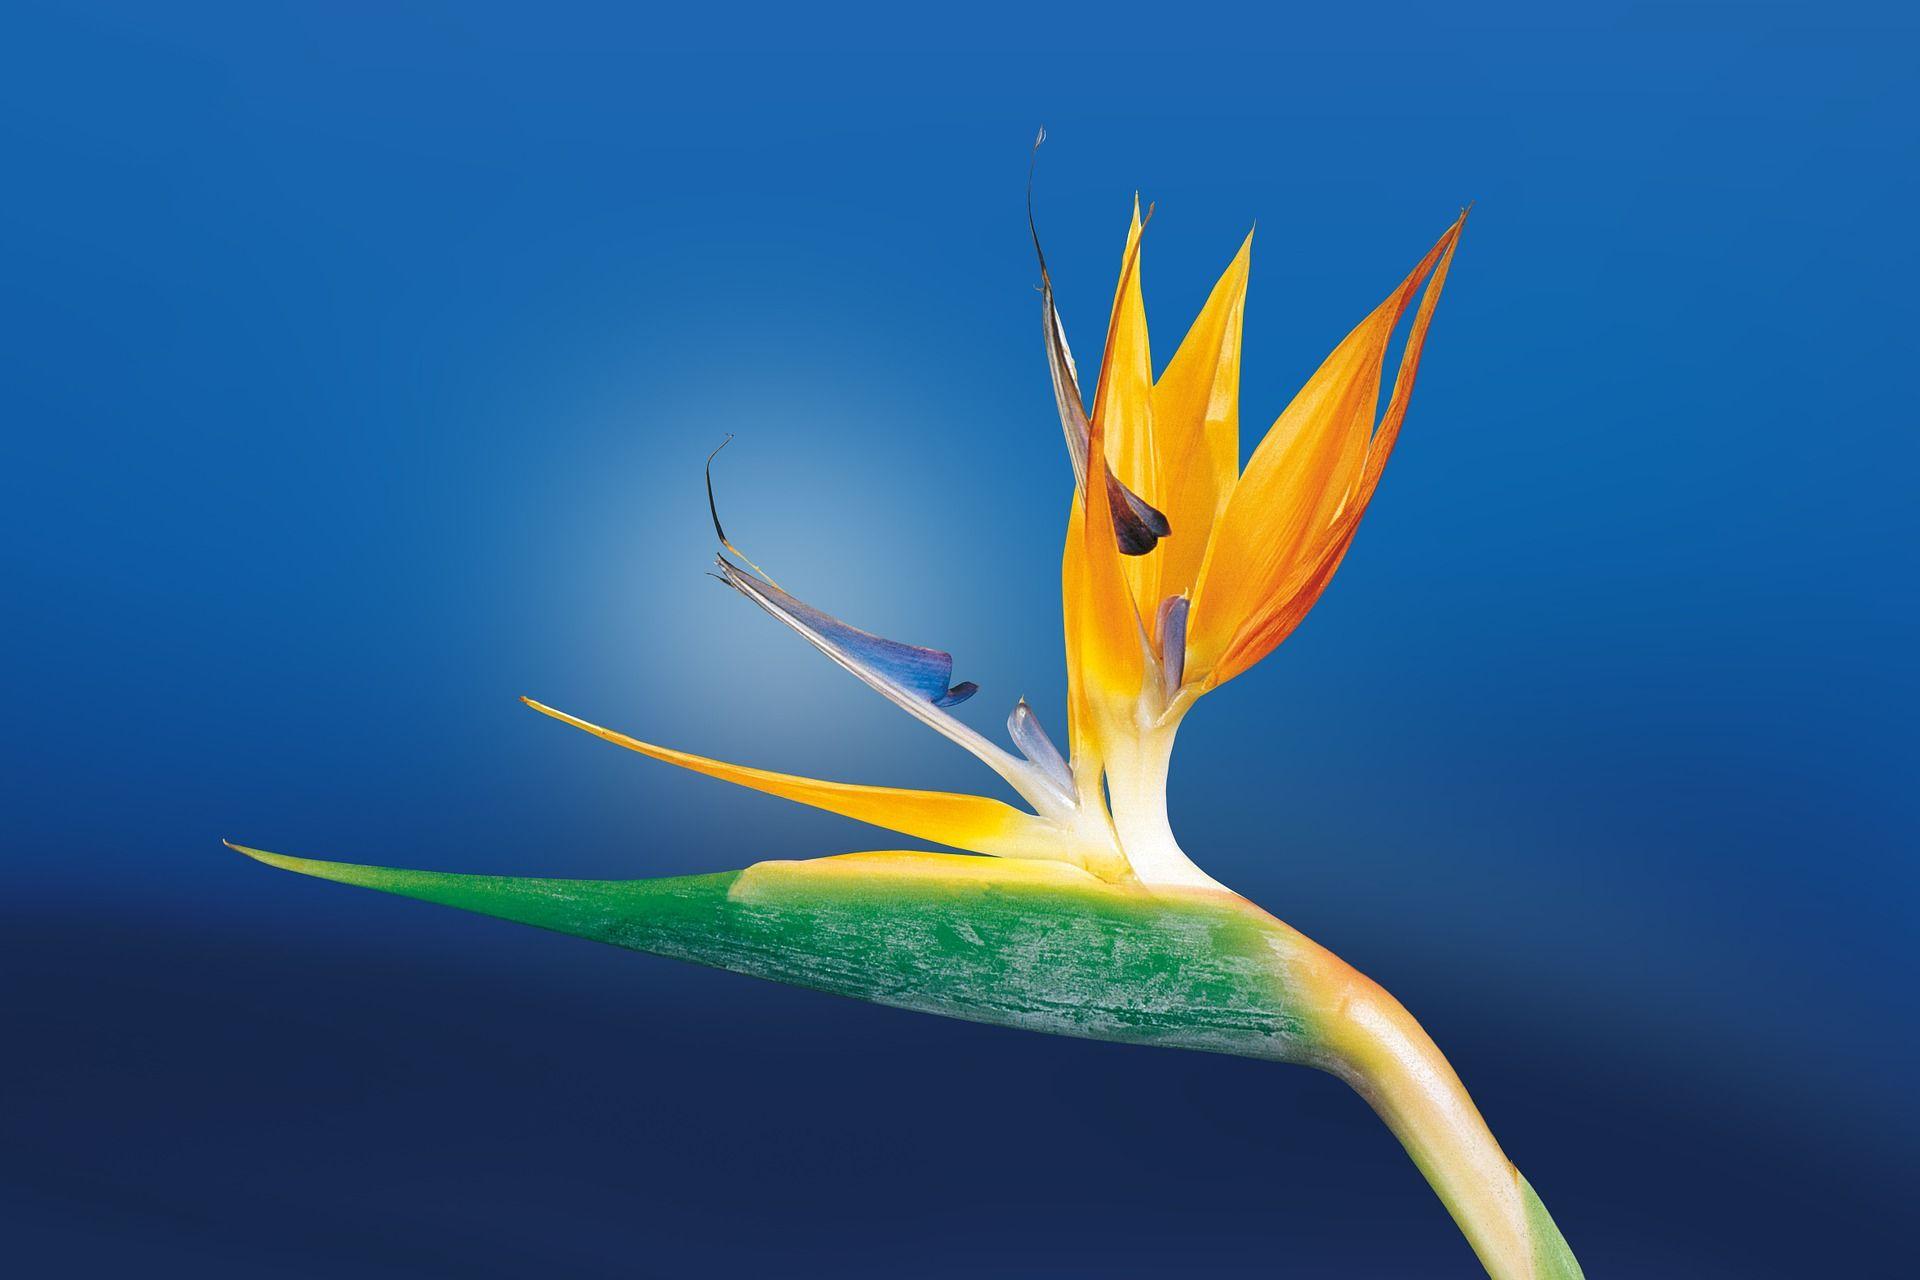 Картинки цветка – райская птица бесплатно